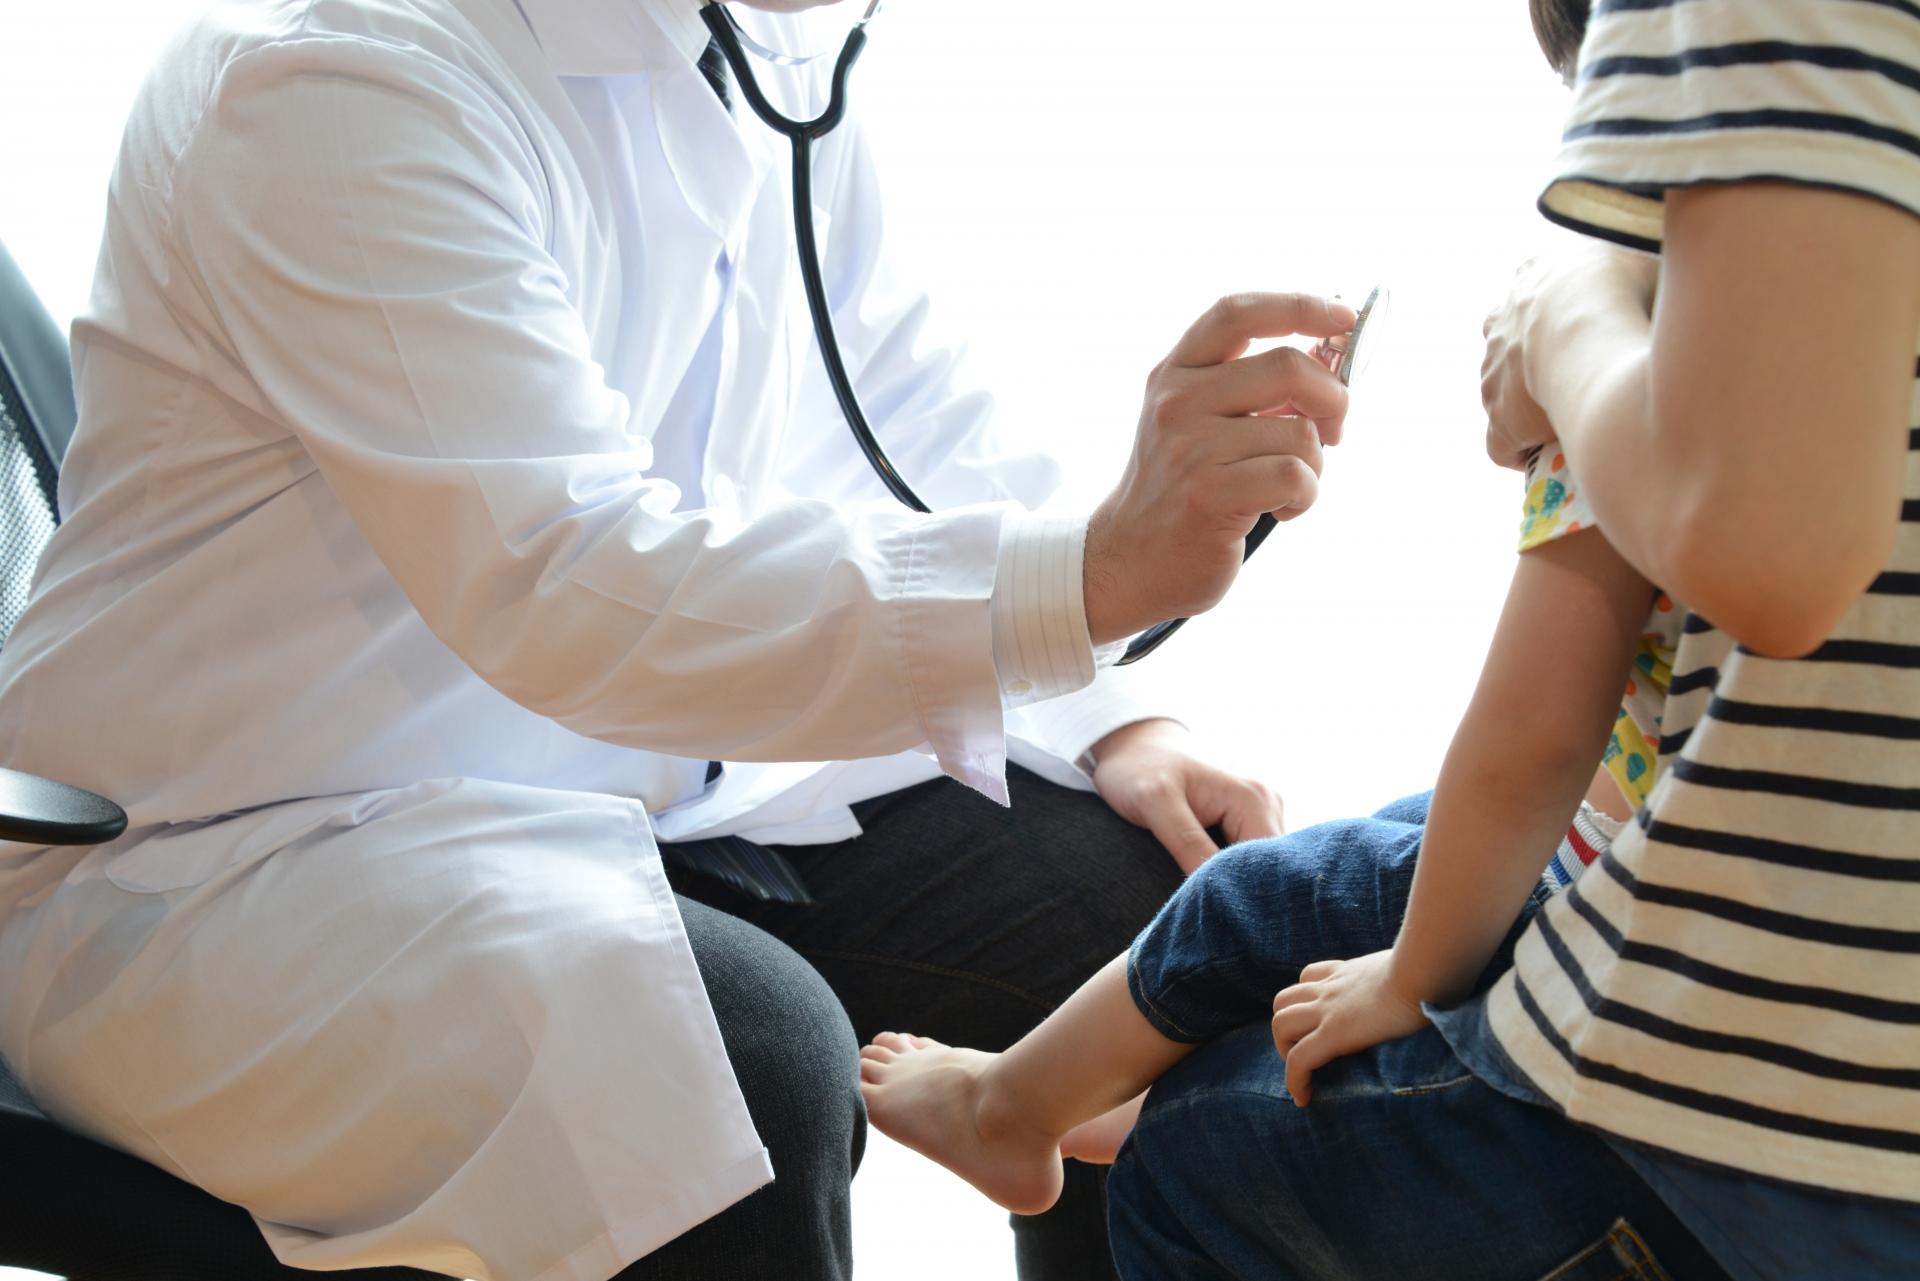 小児科の診察イメージ